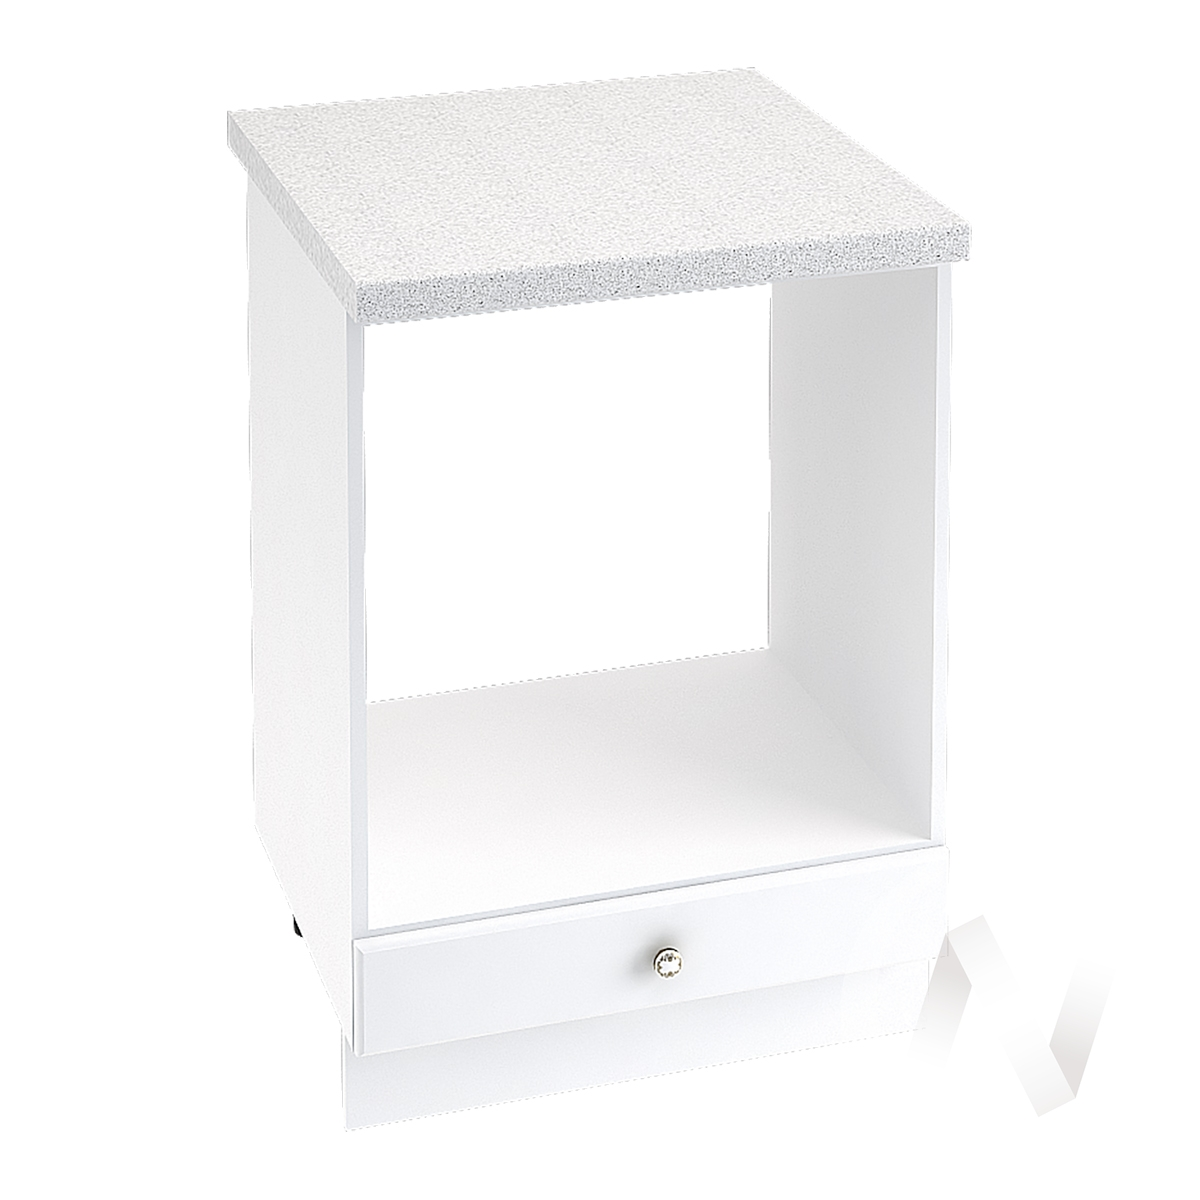 """Кухня """"Шарлиз"""": Шкаф нижний под духовку 600, ШНД 600 (корпус белый) в Новосибирске в интернет-магазине мебели kuhnya54.ru"""